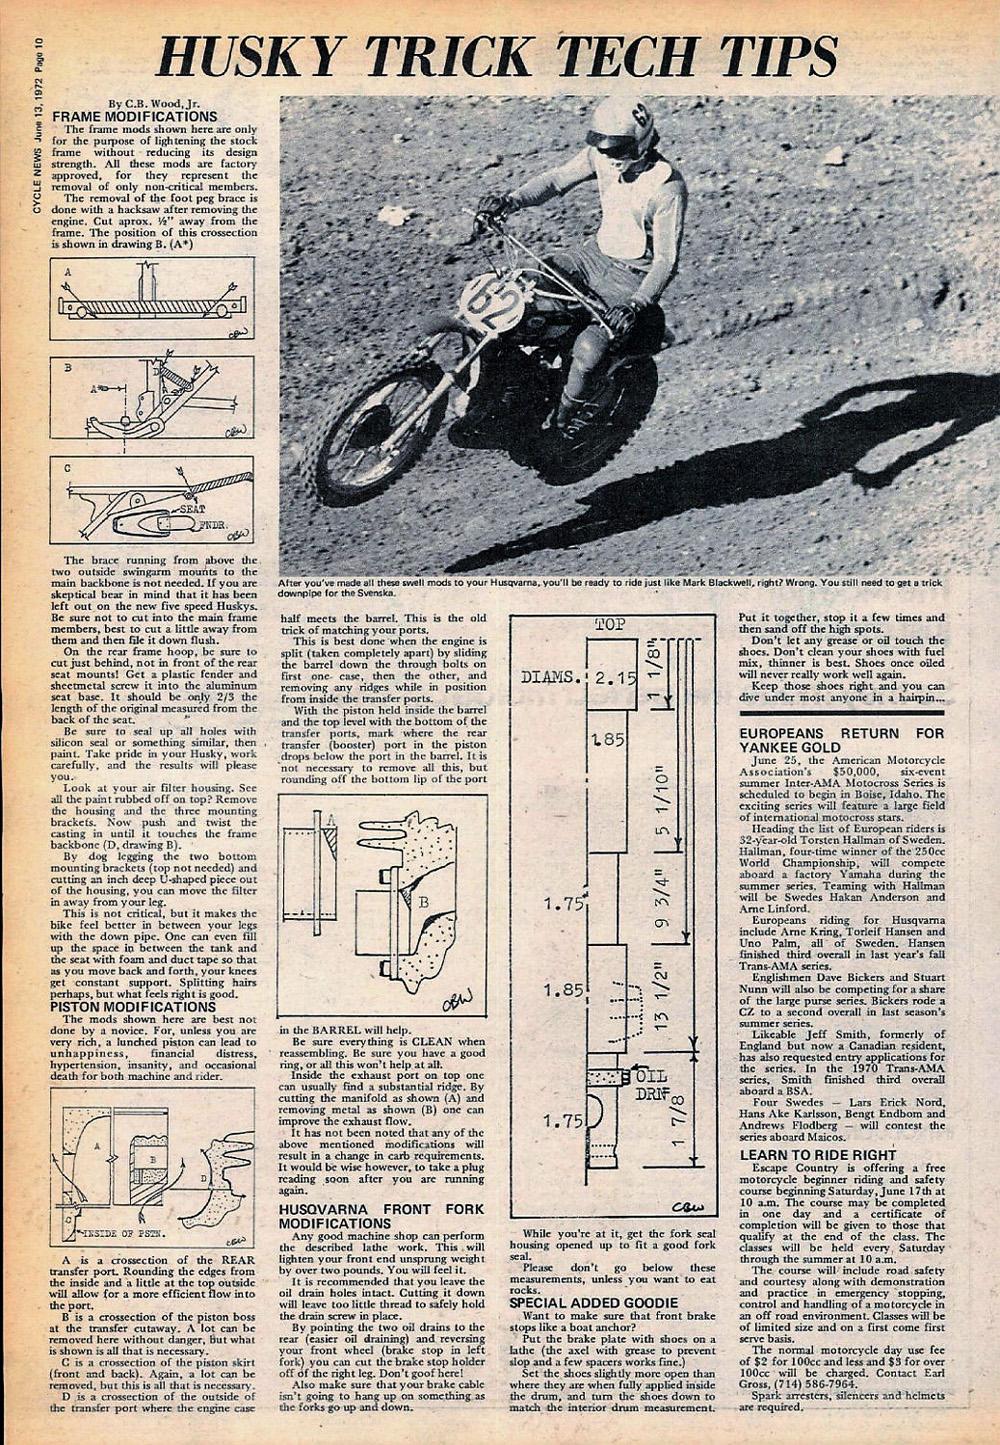 1972 Husqvarna Tech tricks.jpg